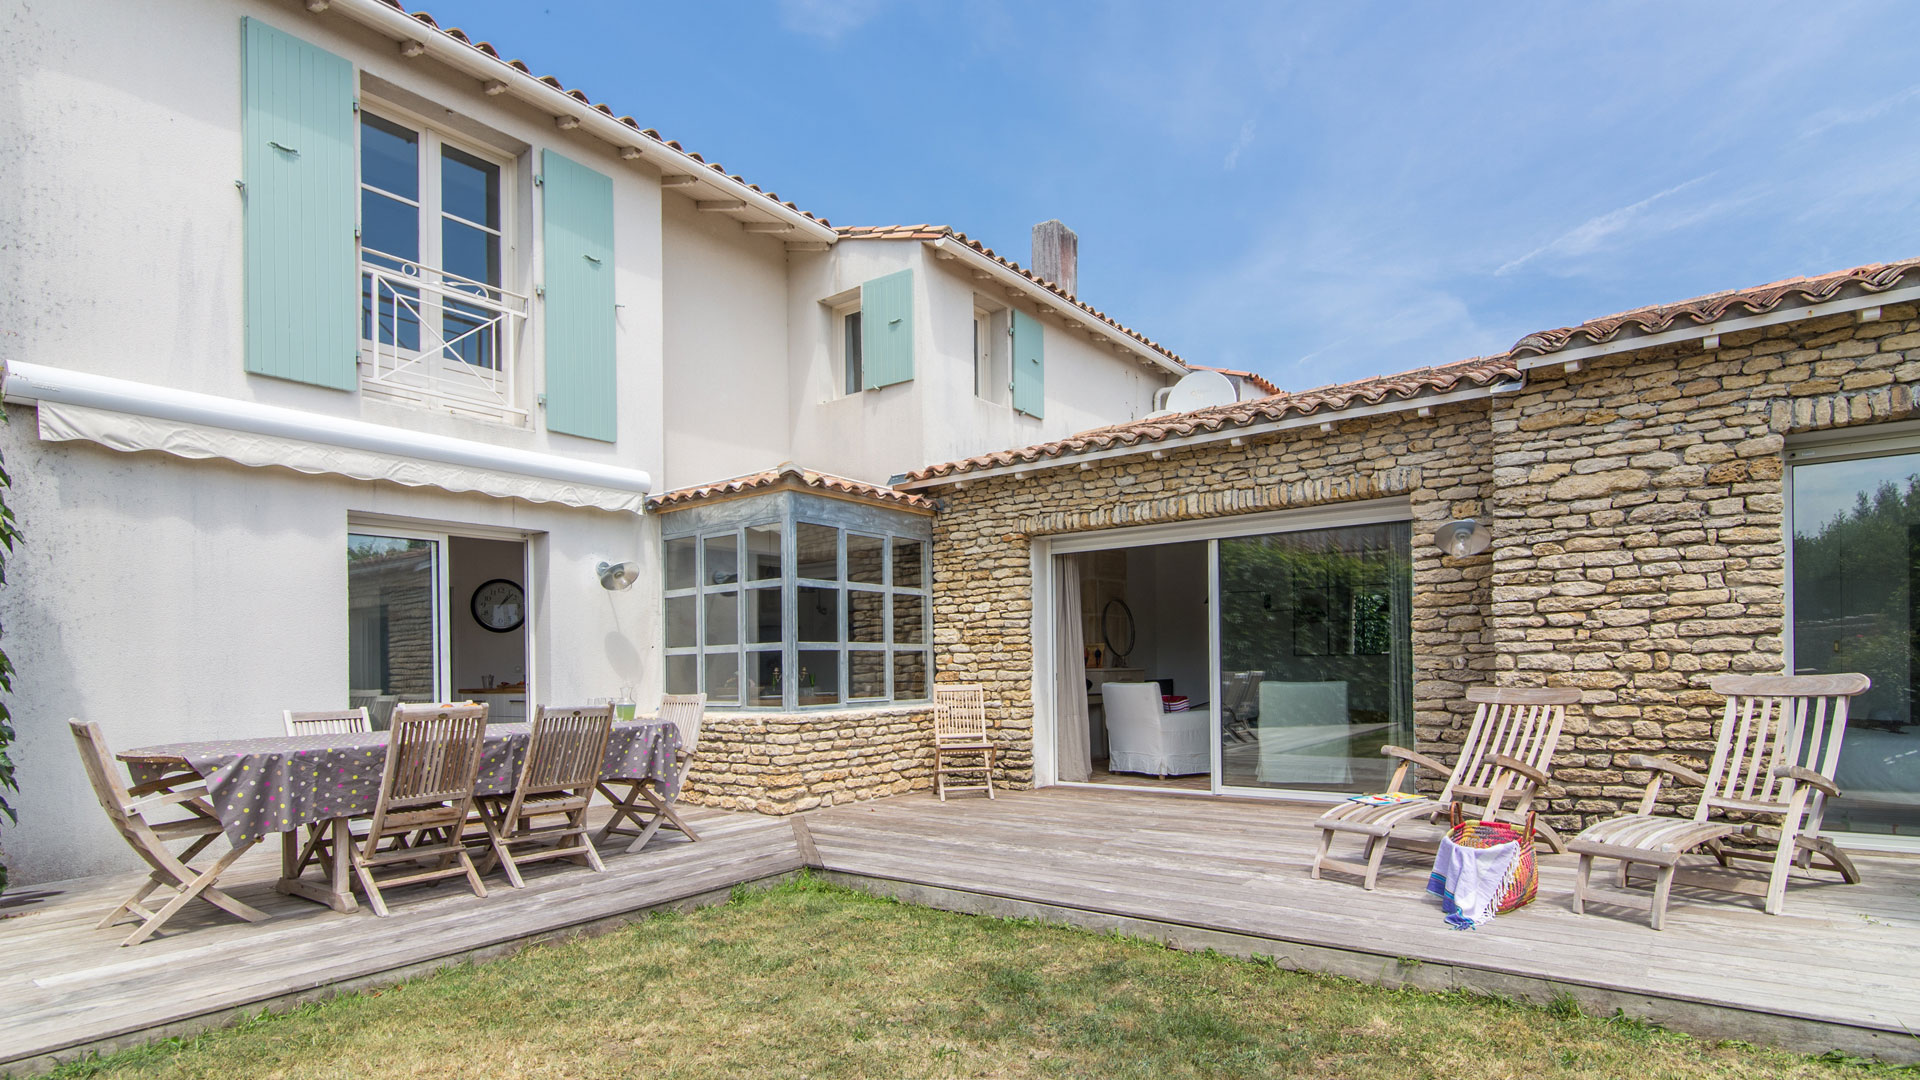 Villa shems en r villa louer le de r les portes for Jardin a louer ile de france